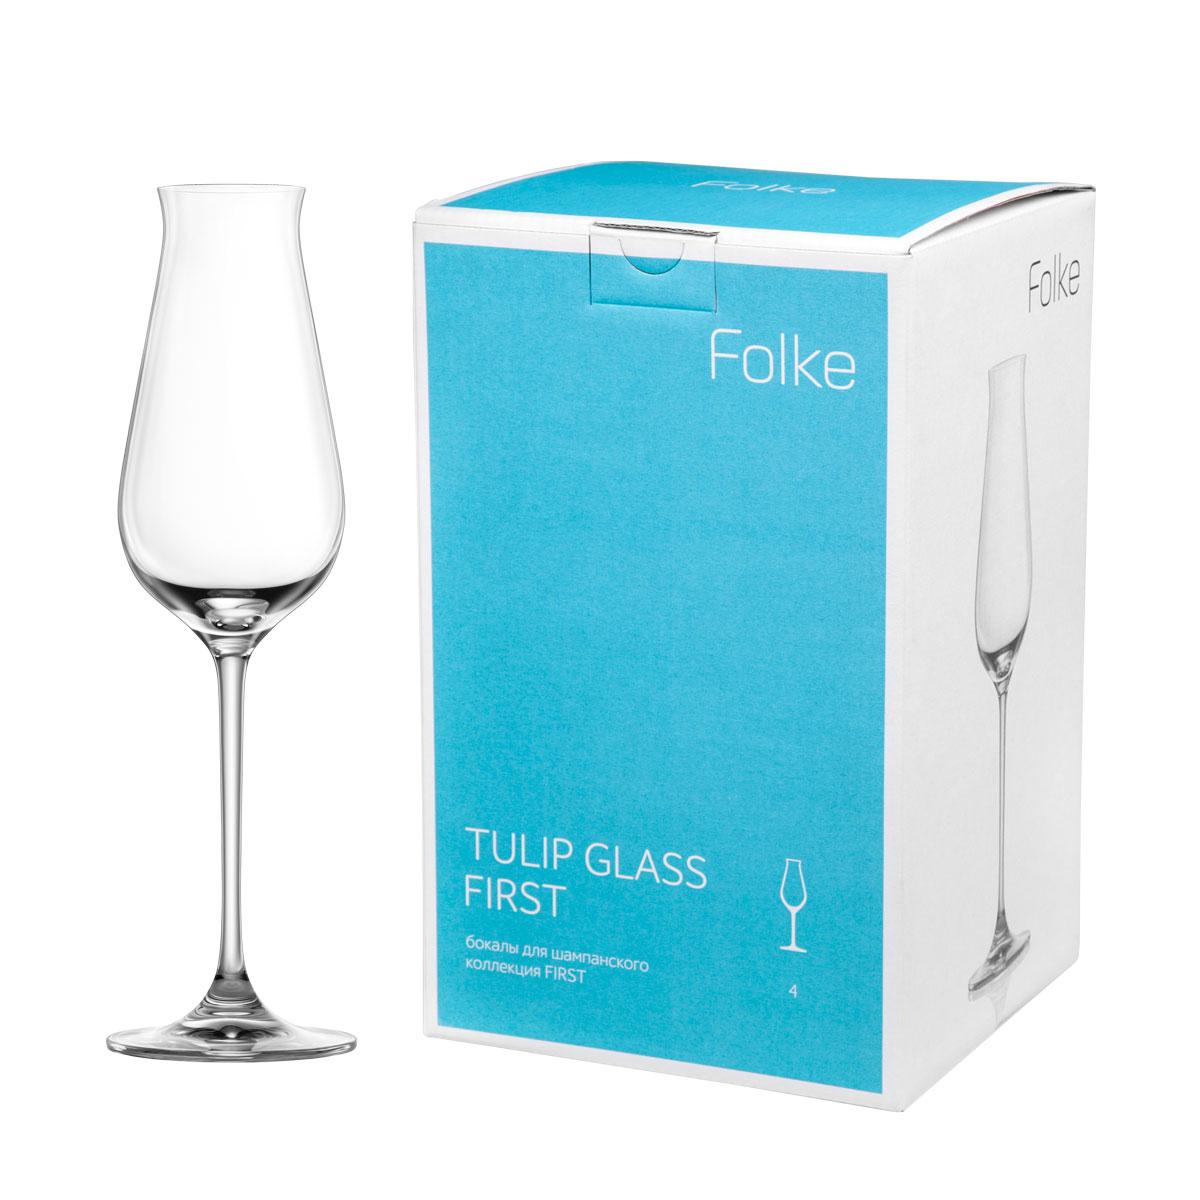 Набор бокалов для шампанского Folke Tulip Glass, 240 мл, 4 шт. 2007180U2007180UНабор Folke Tulip Glass состоит из четырех бокалов, выполненных из хрустального стекла. Изделия оснащены ножками. Бокалы сочетают в себе элегантный дизайн и функциональность. Благодаря такому набору пить напитки будет еще вкуснее. Коллекция First - это бокалы из бессвинцового хрусталя высшего качества. Наша продукция отличается исключительной чистотой и повышенной устойчивостью к механическим повреждениям. Улучшенные характеристики изделий позволяют использовать их повседневно в домашних условиях и в ресторанном бизнесе. Оригинальный дизайн позволяет любому напитку полностью раскрыться и заиграть новыми красками. Это поистине уникальное творение современных технологий и многолетнего опыта лучших мировых сомелье.